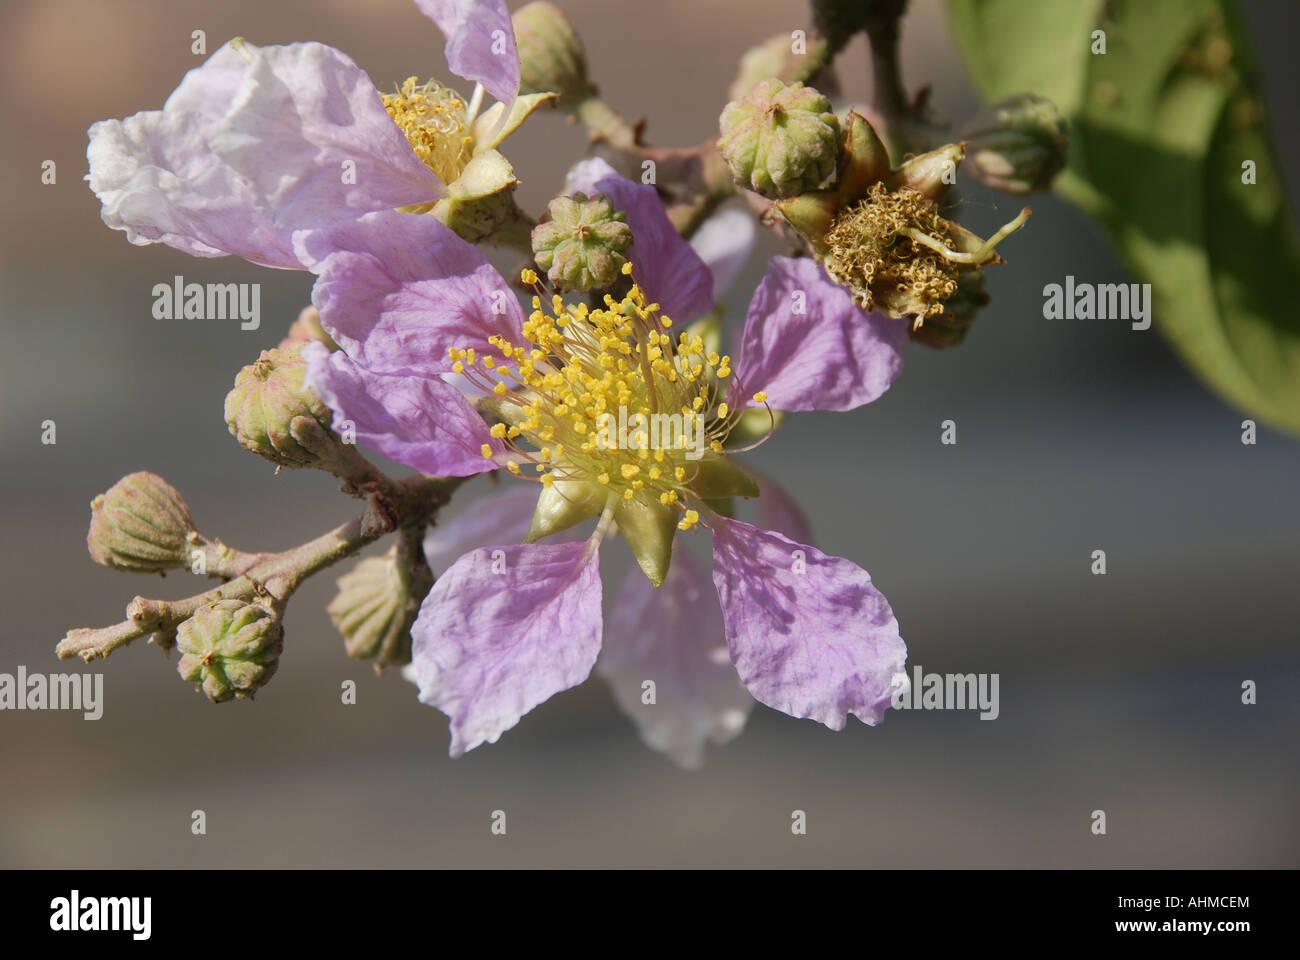 Detail Von Einem König Der Blumen Blühen Von März Bis Juni In